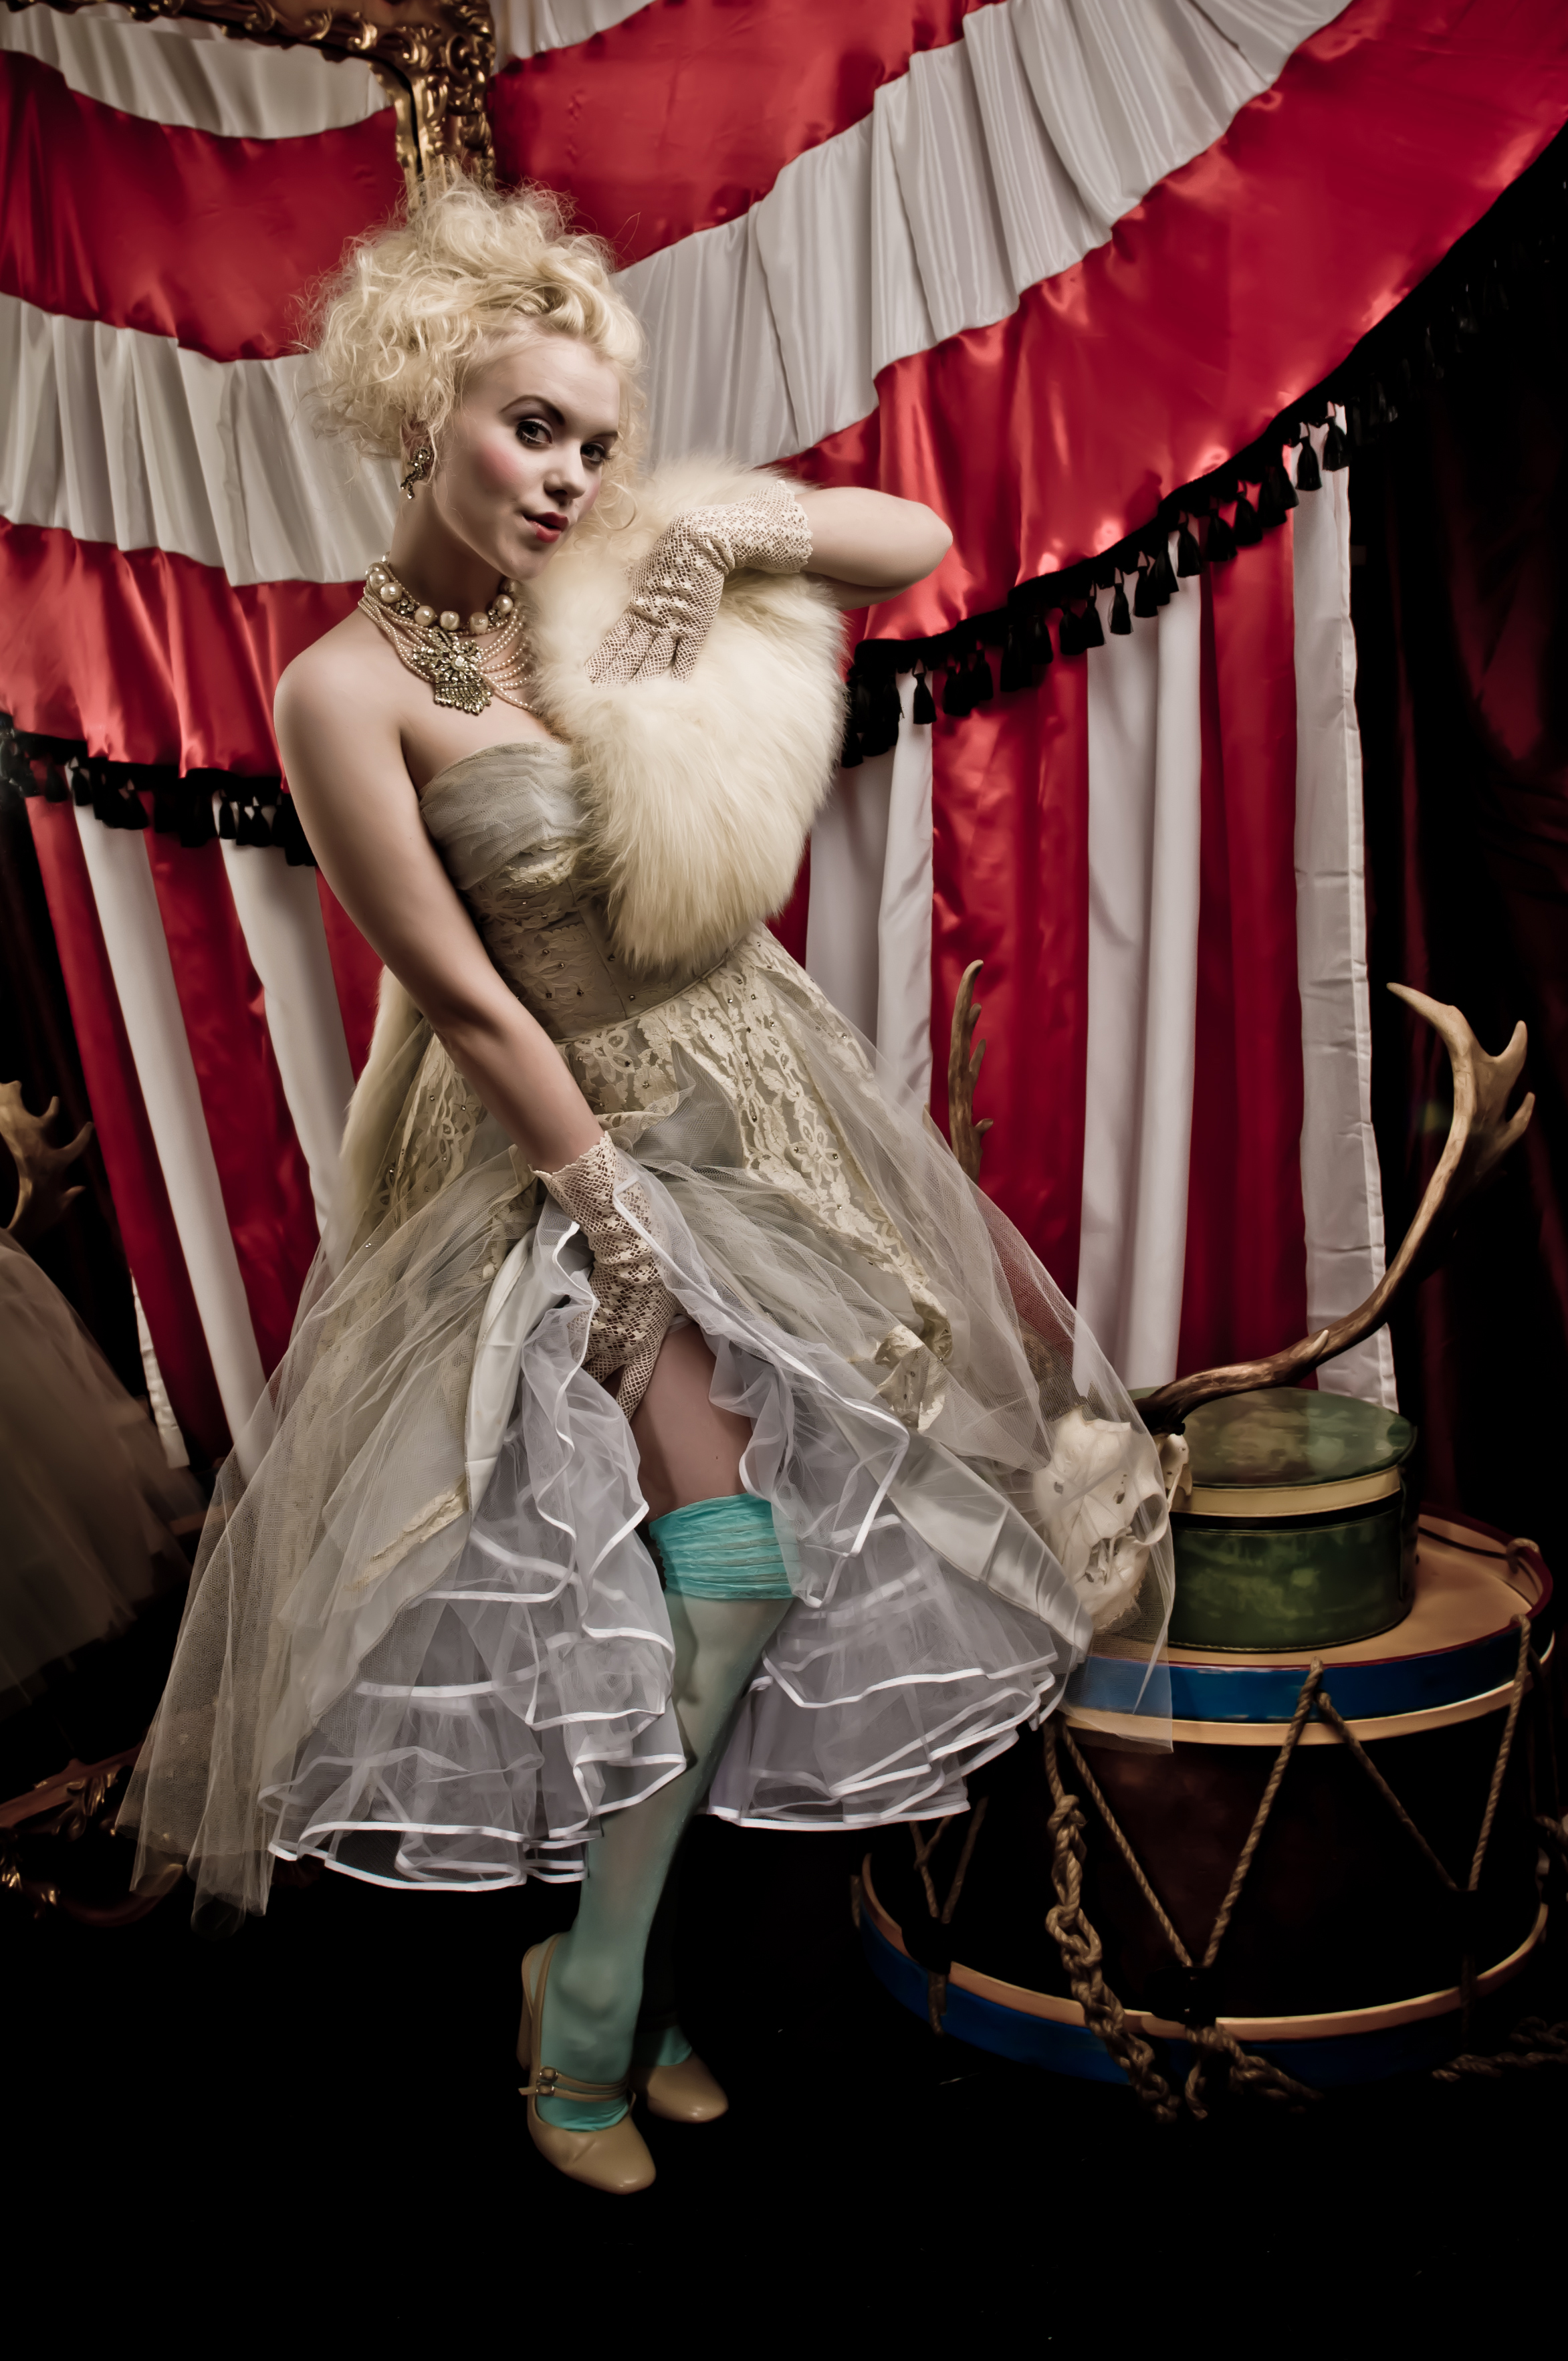 df_dolls-[ciara soft].jpg